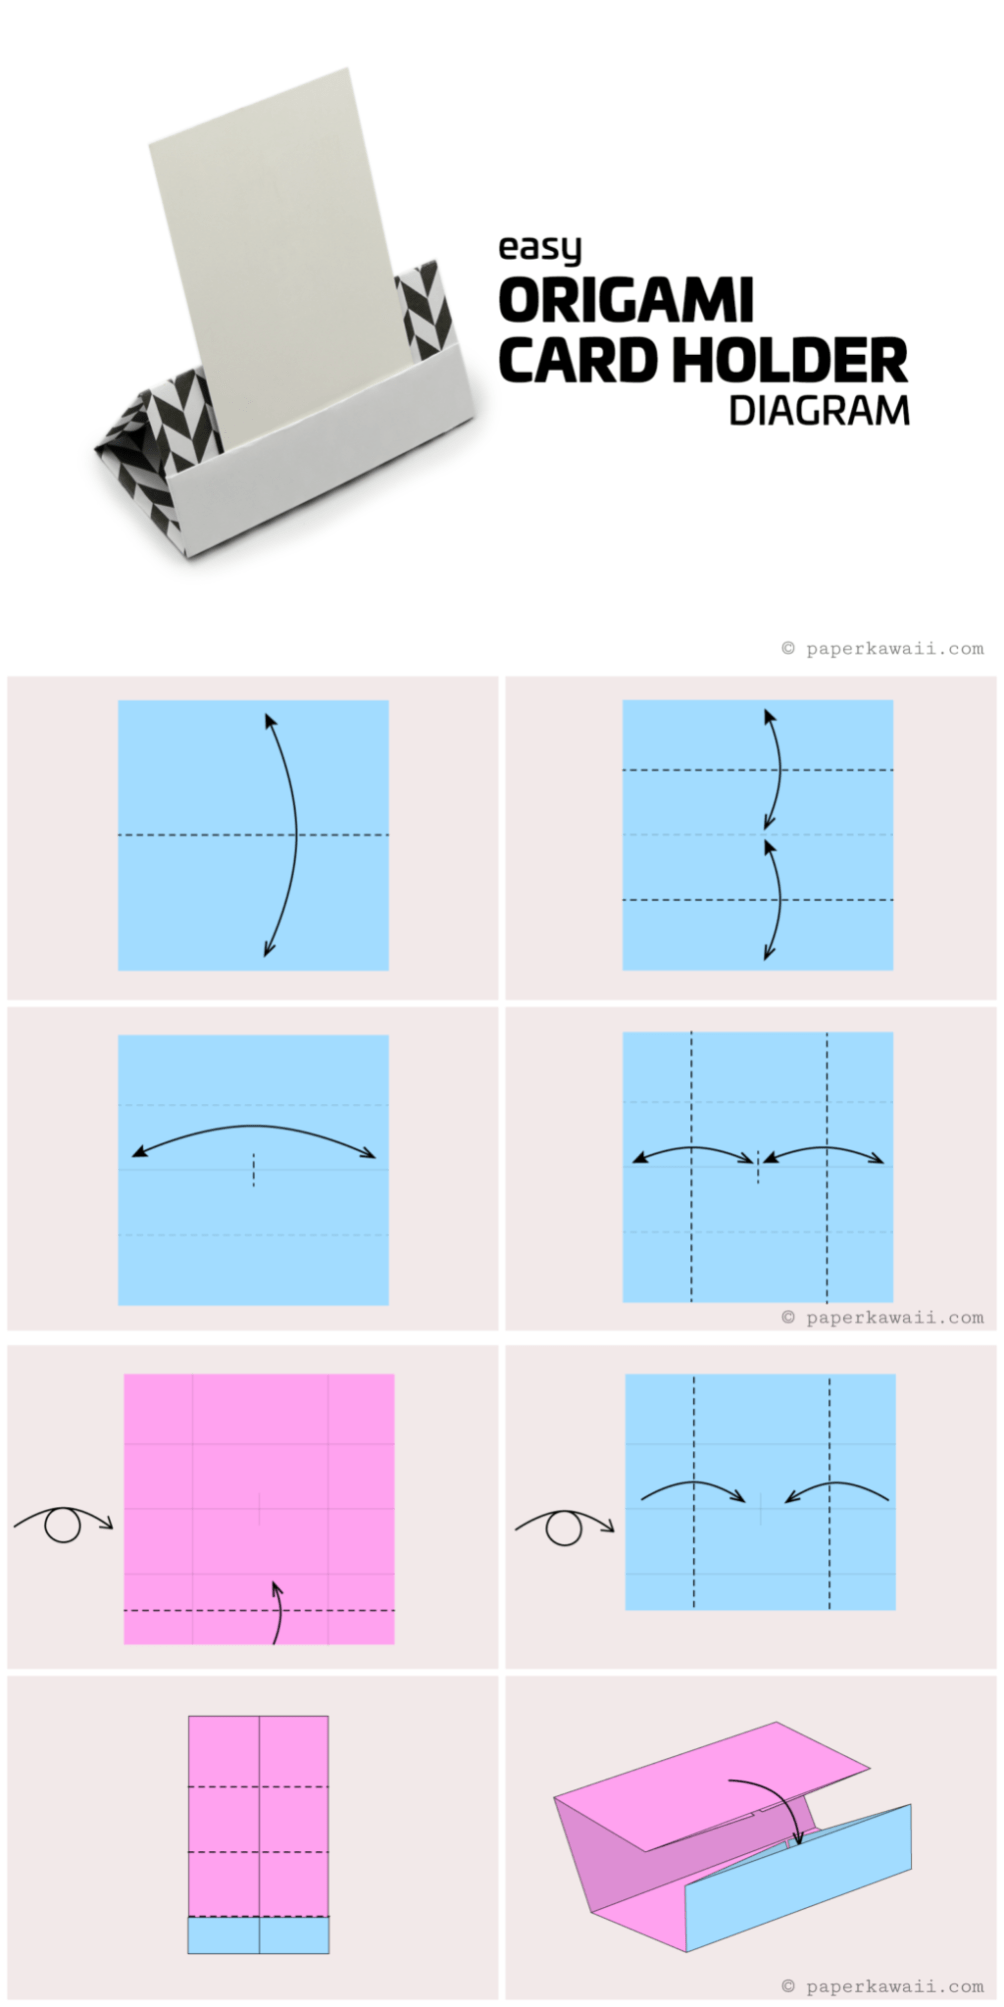 Origami Card Holder Diagram Paper Kawaii Origami Diagram Diy